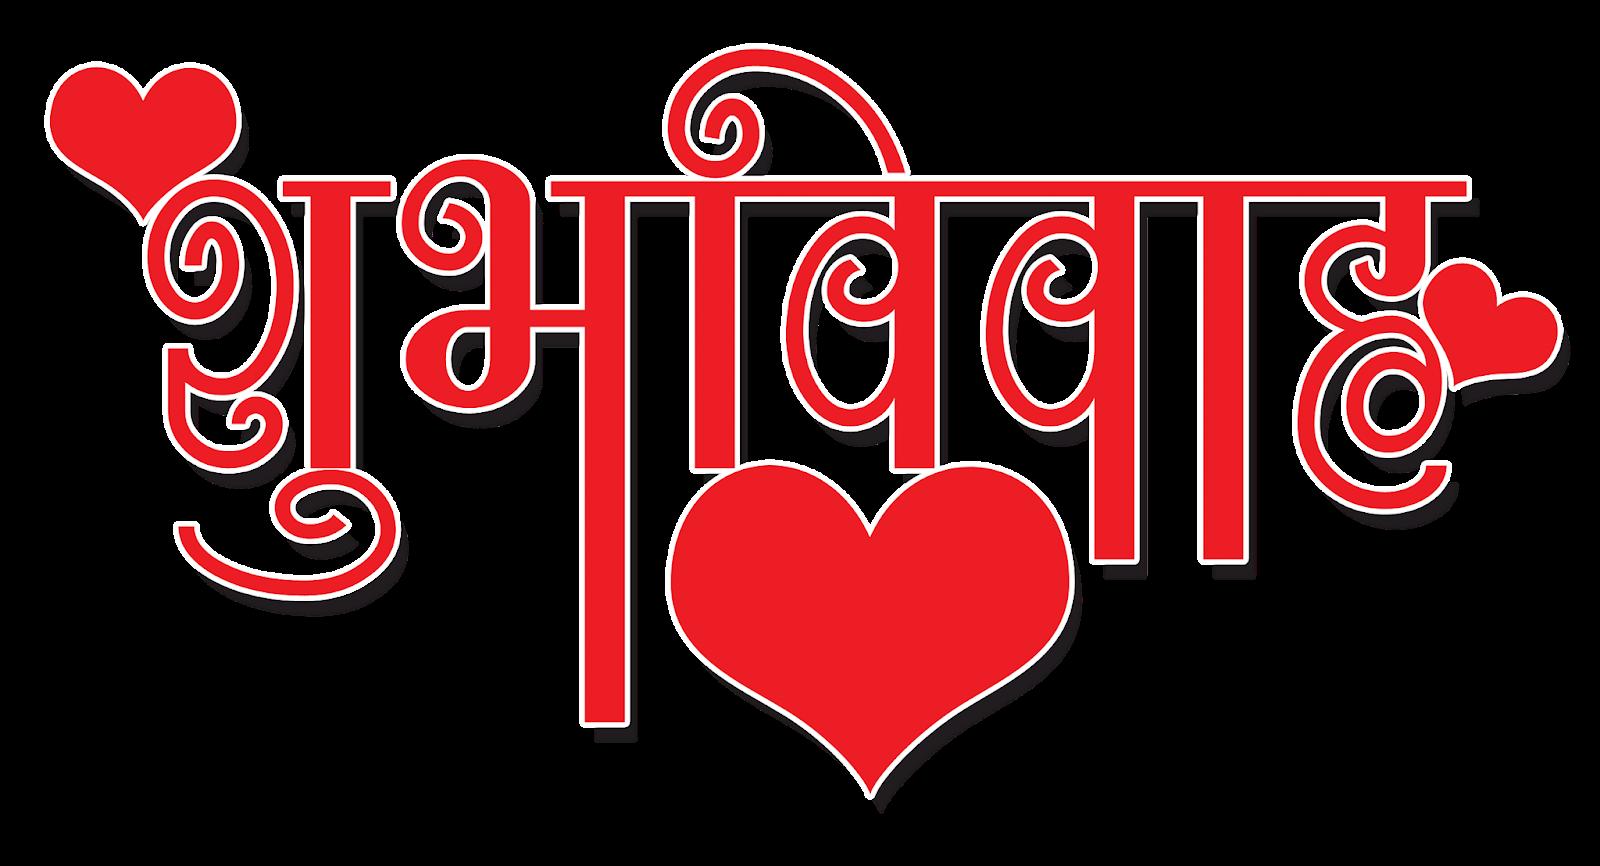 Aarti Sangrah Clipart Logos Shubh Vivah